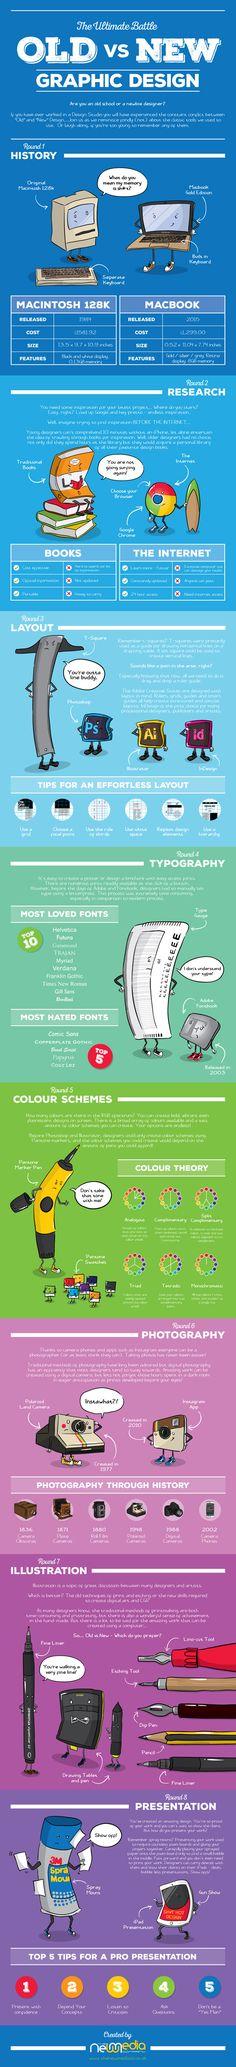 Graphic design old versus new